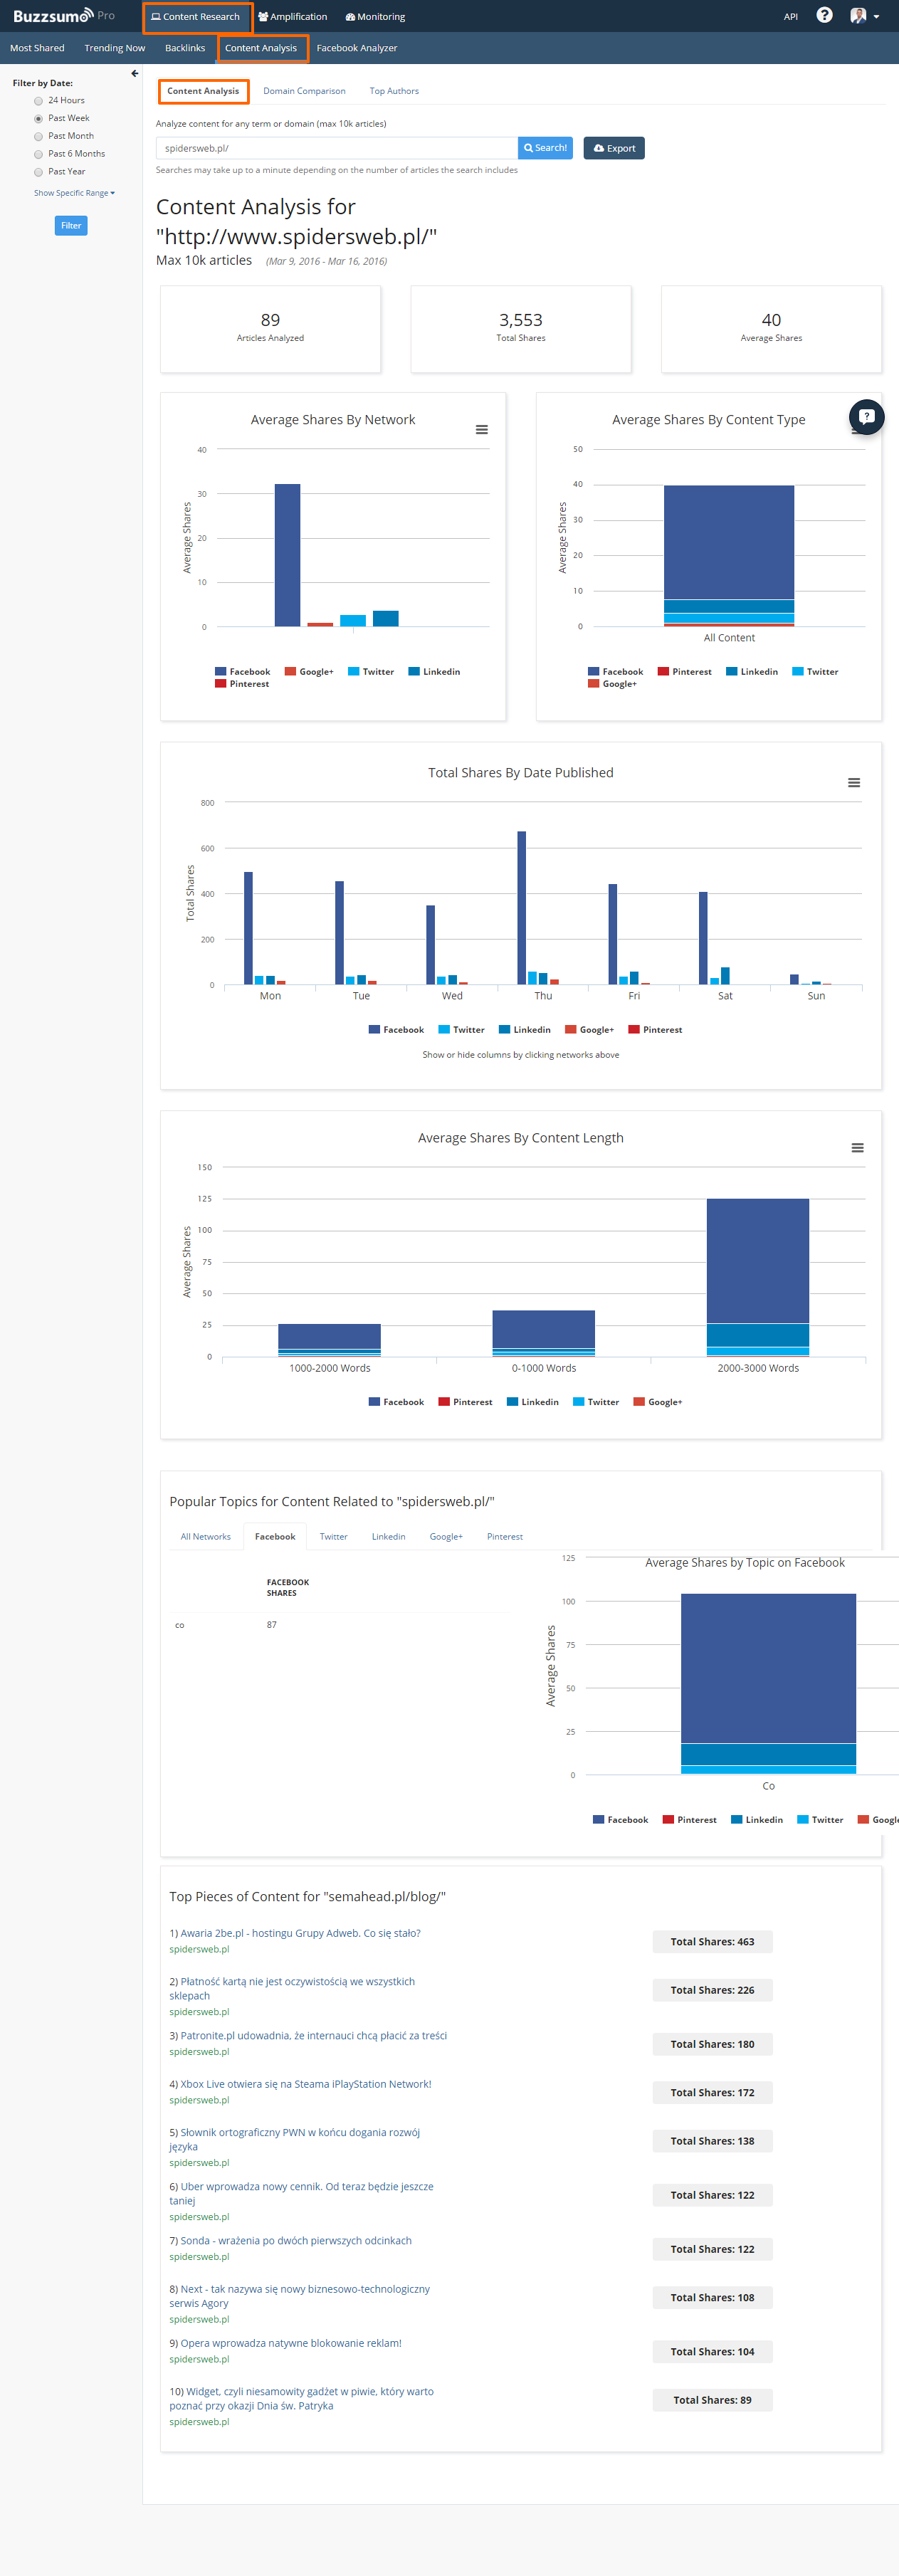 Dane dotyczące publikowanych treści nablogu spidersweb.pl